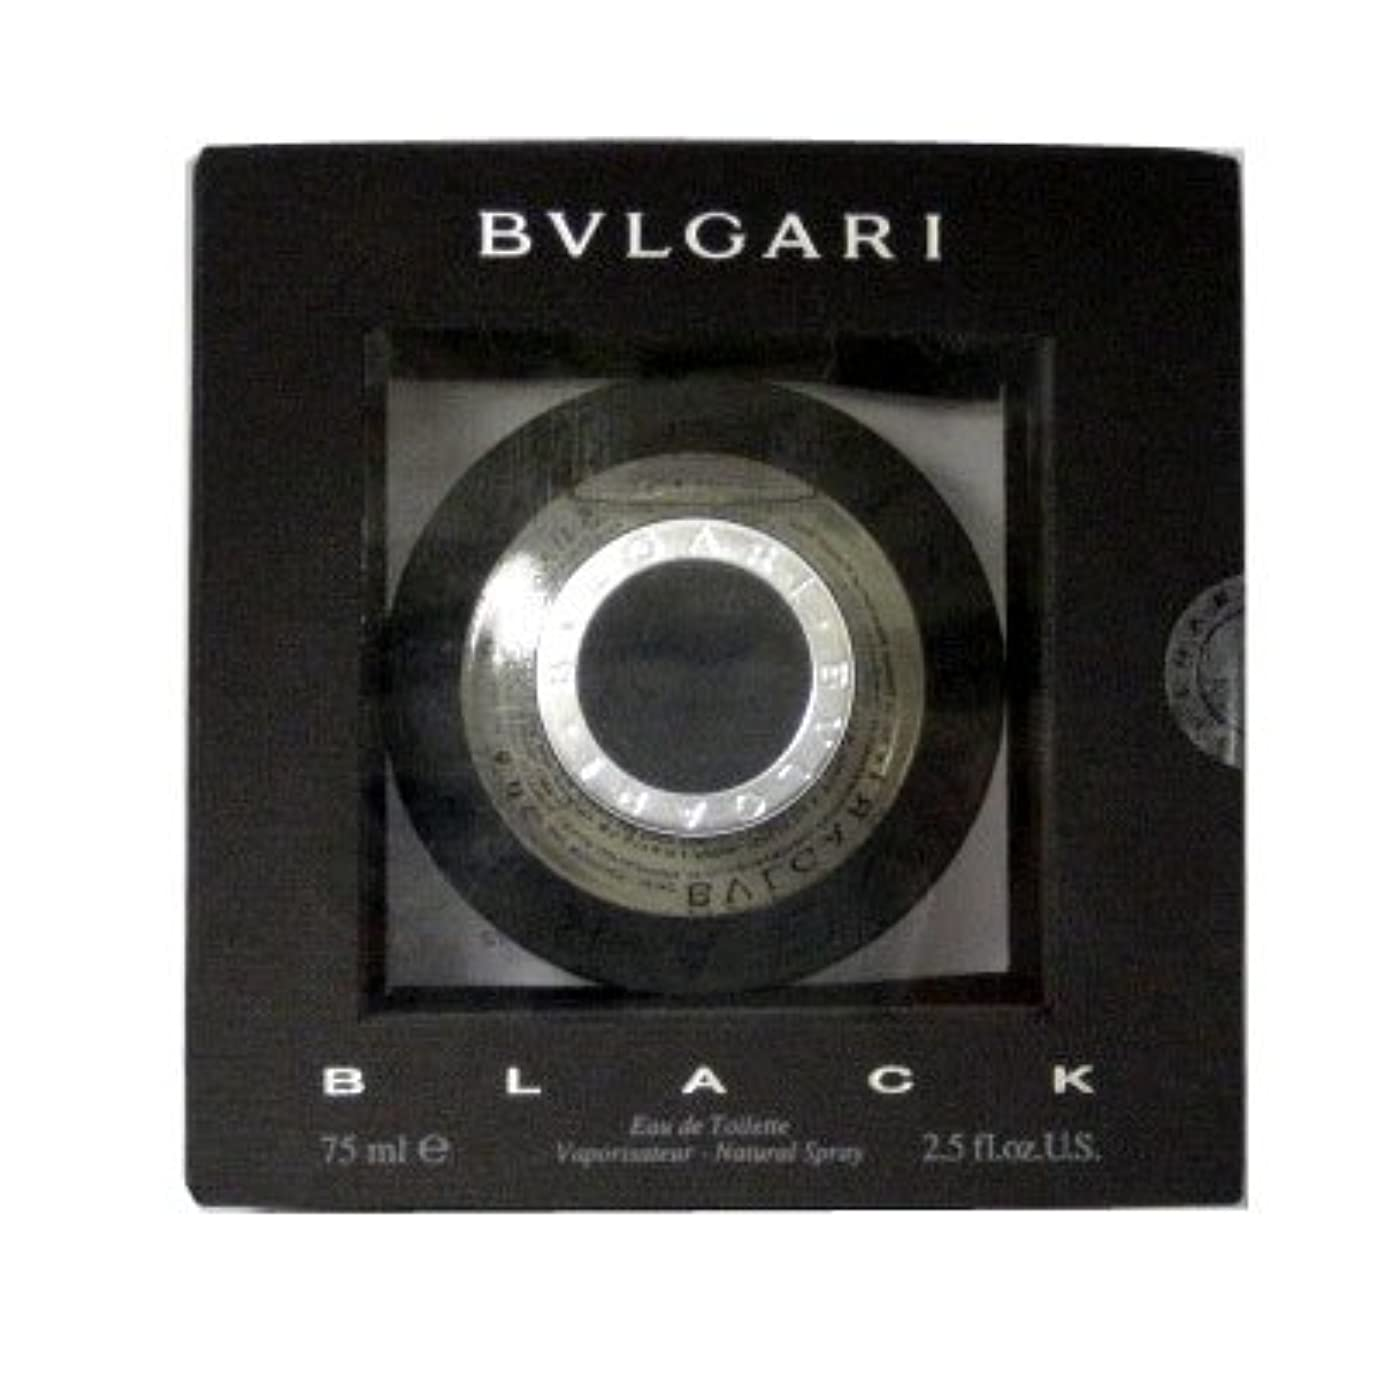 信頼性のある攻撃的救援ブルガリ BVLGARI ブラック EDT SP 75ml